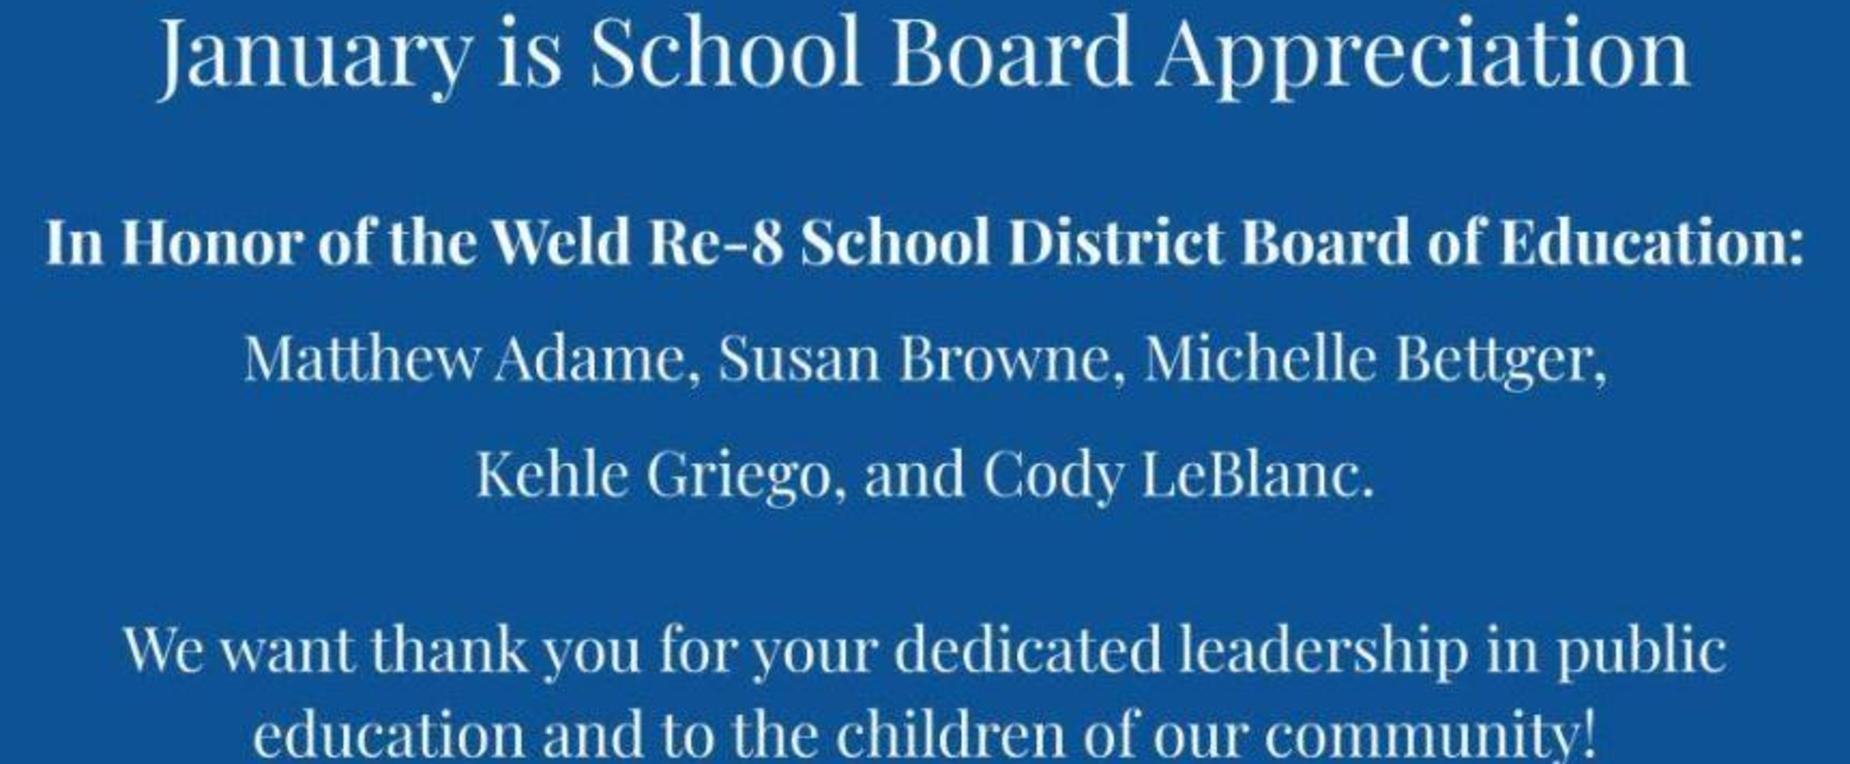 Board of Education Appreciation